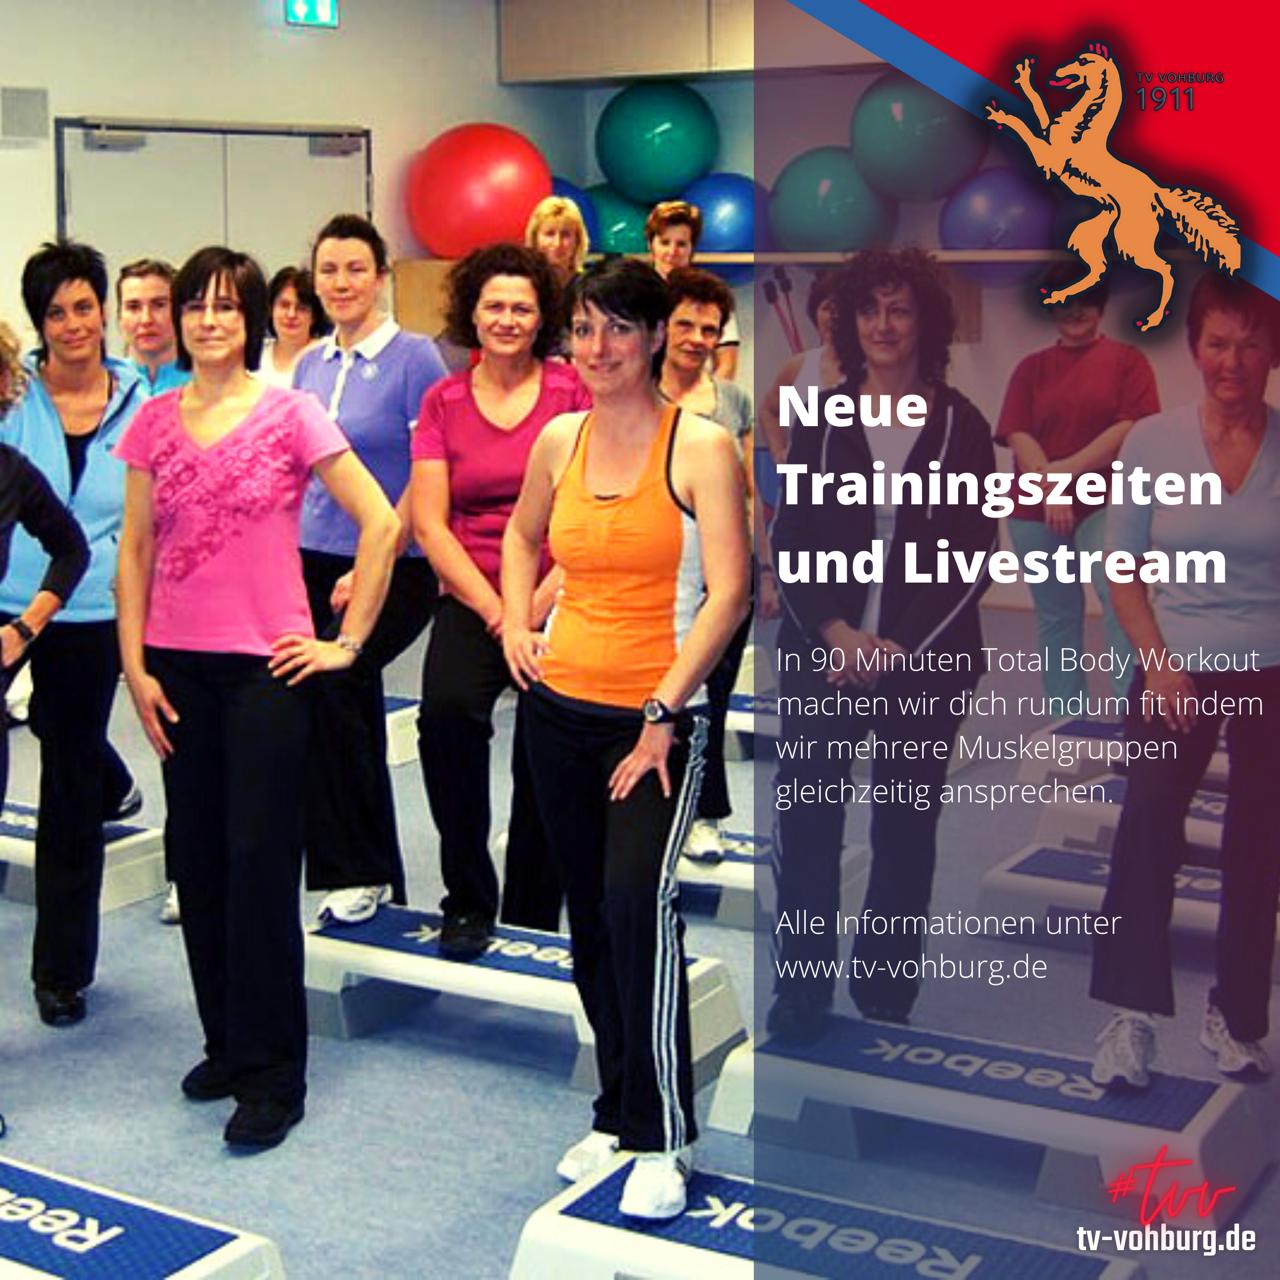 Neue Trainingszeiten und Livestream